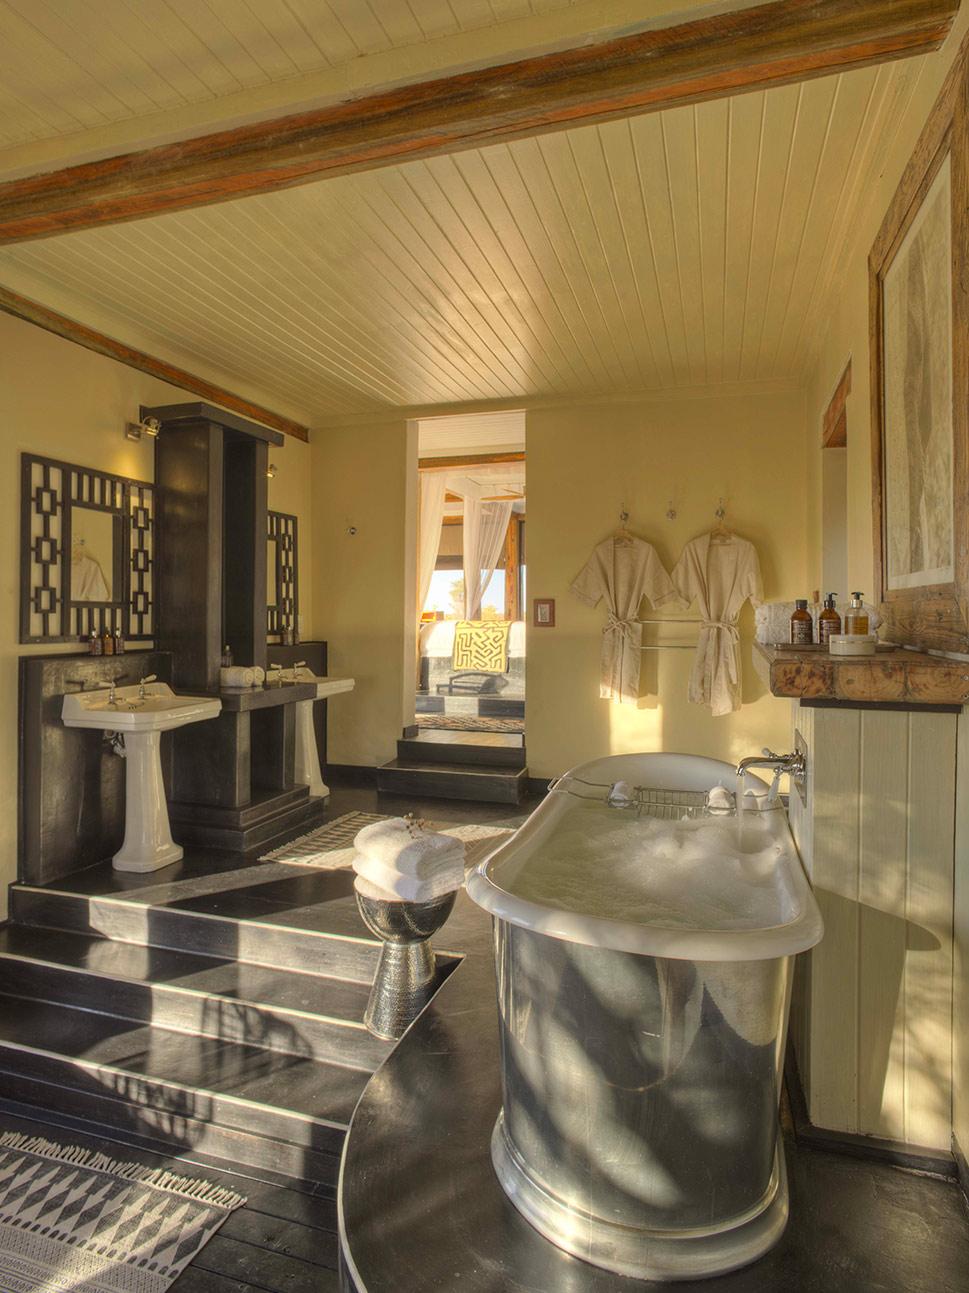 Bath-feline-fields-pool-suite